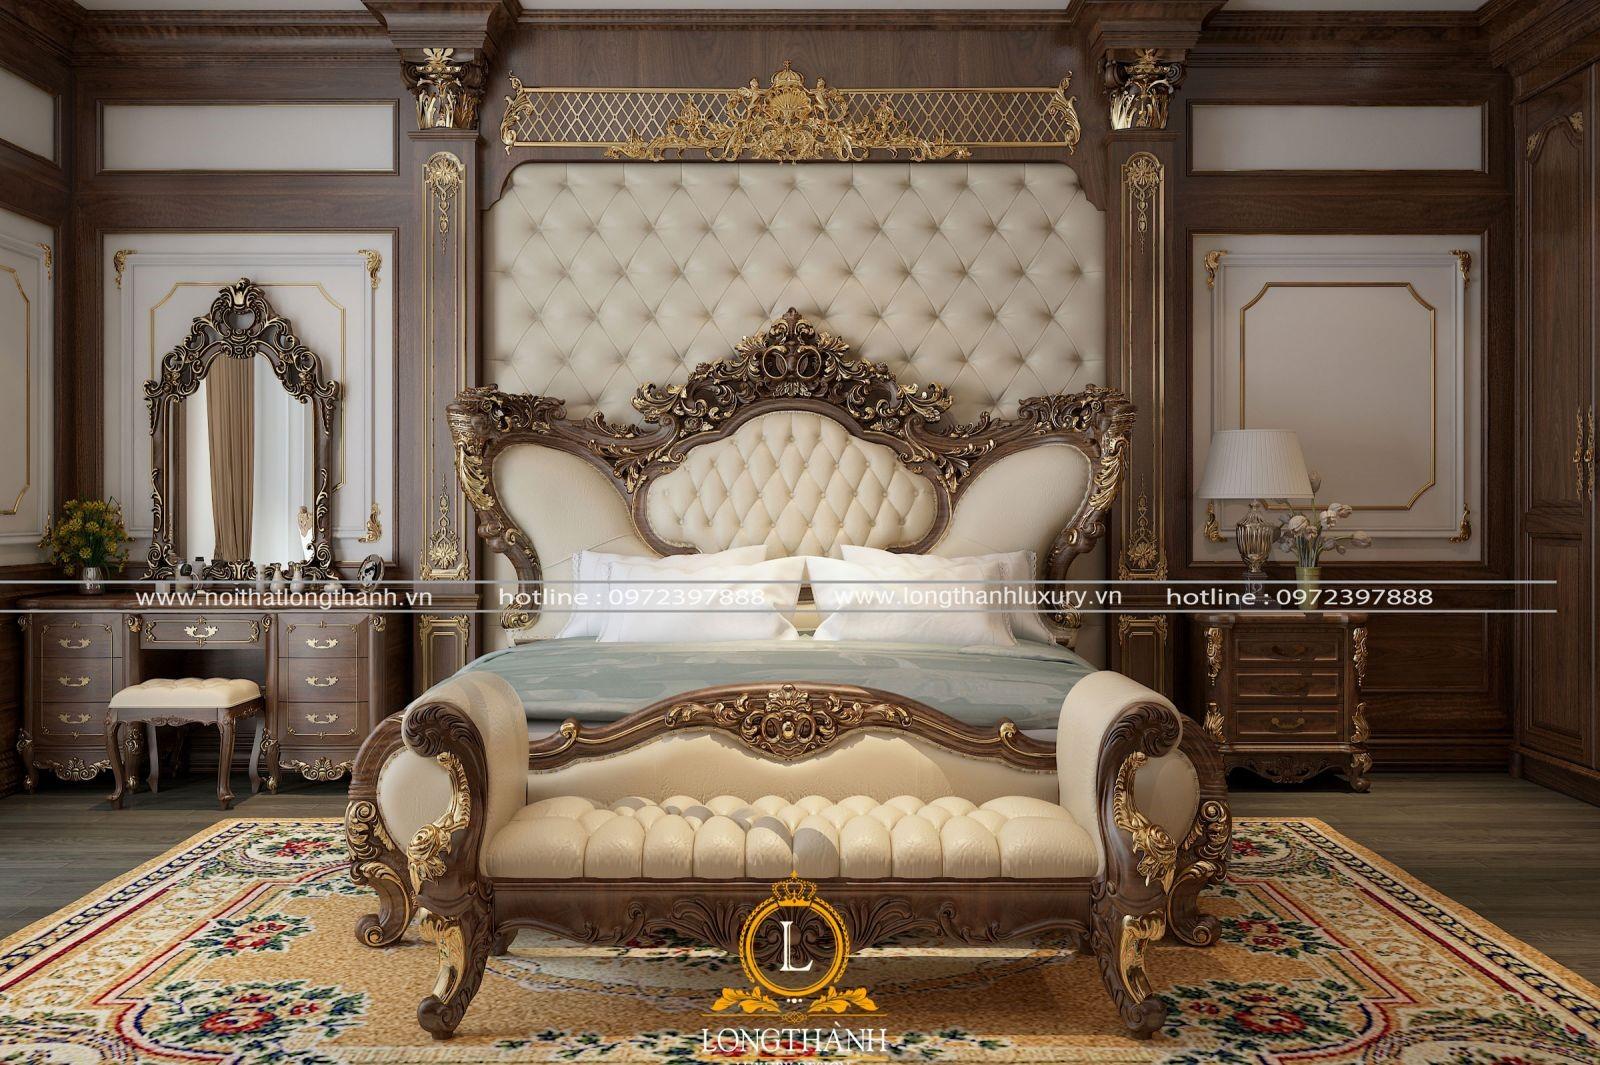 Mẫu phòng ngủ xứng tầm chủ nhân